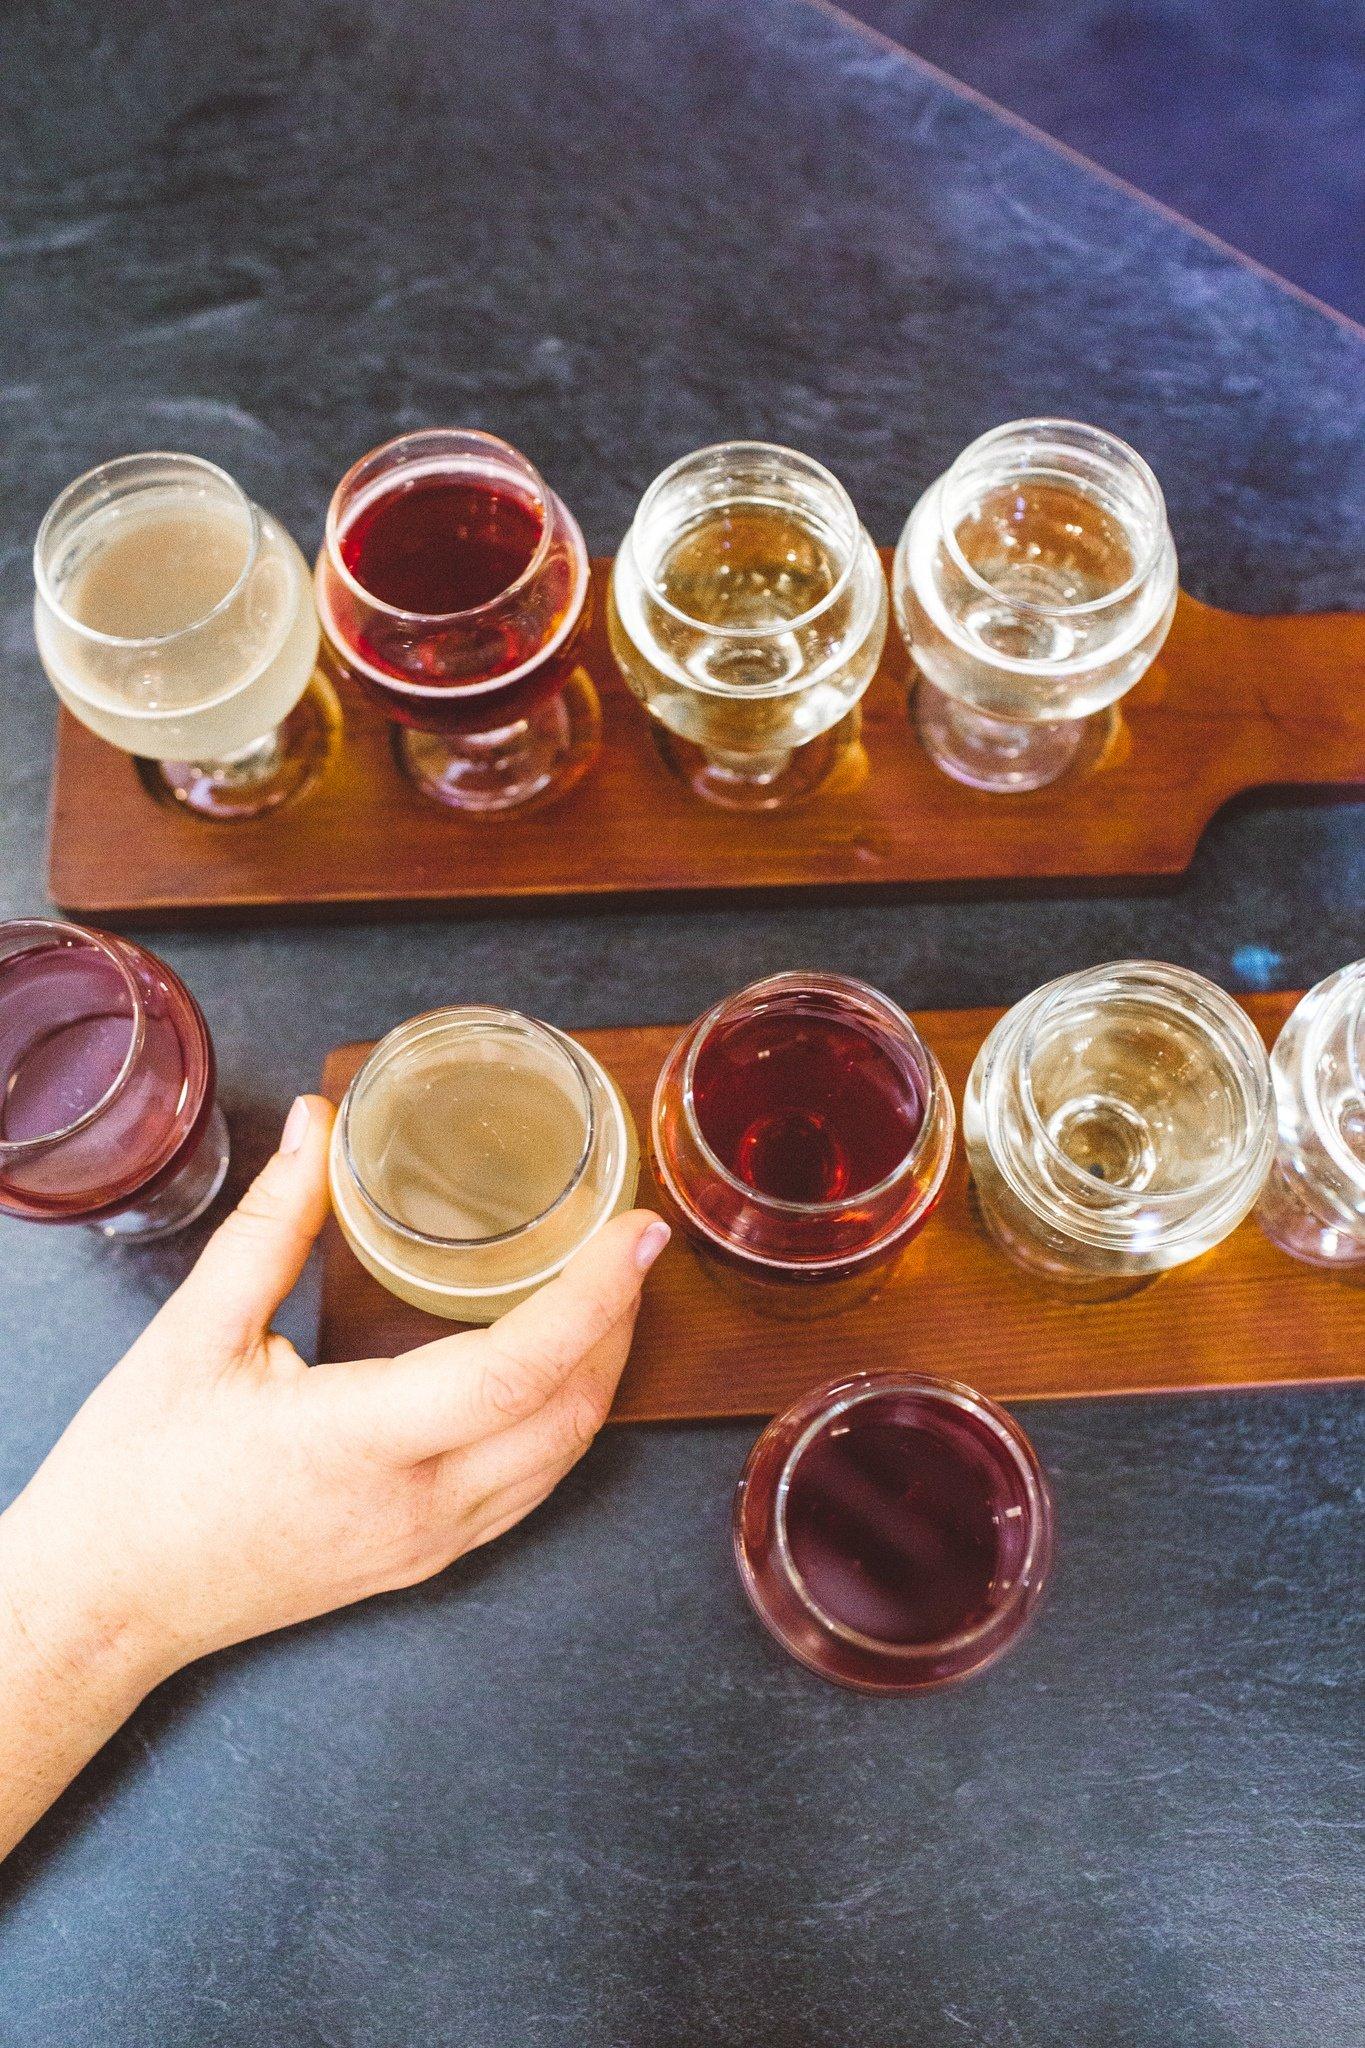 Cider at Steelhead Ciderhouse